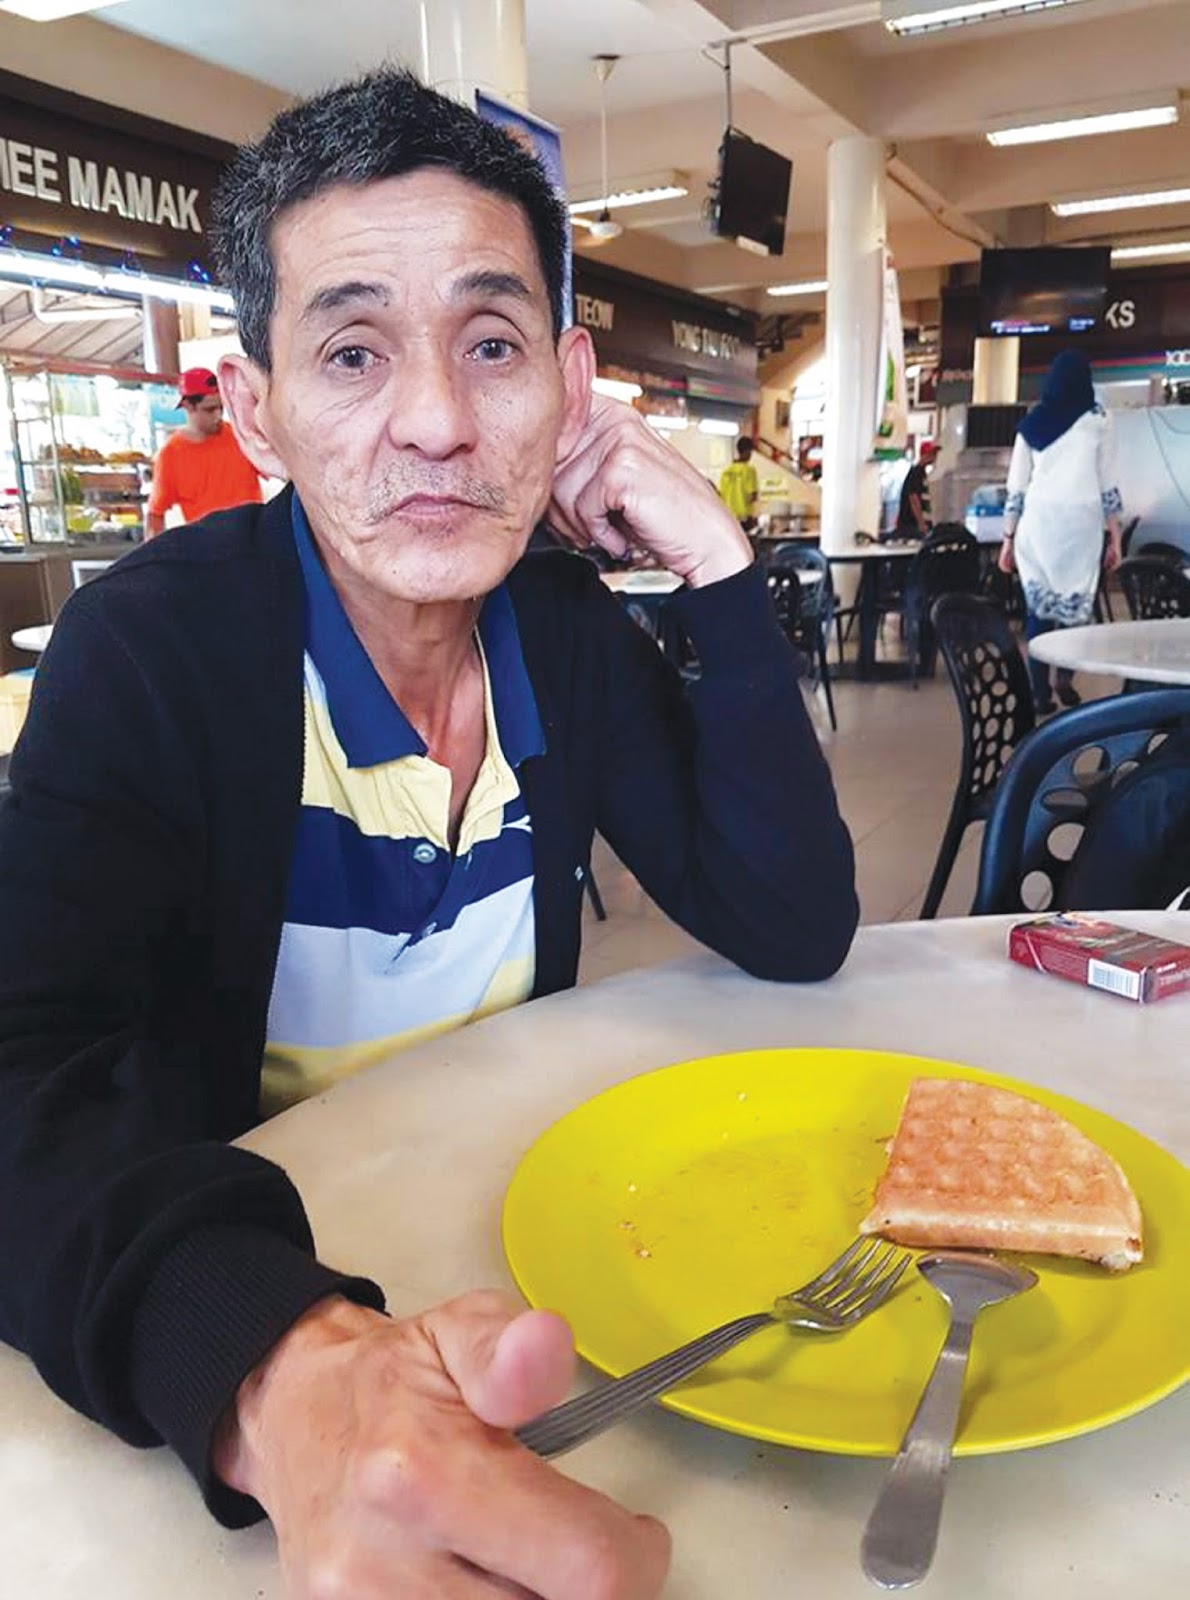 Tengku mahaleel wife sexual dysfunction